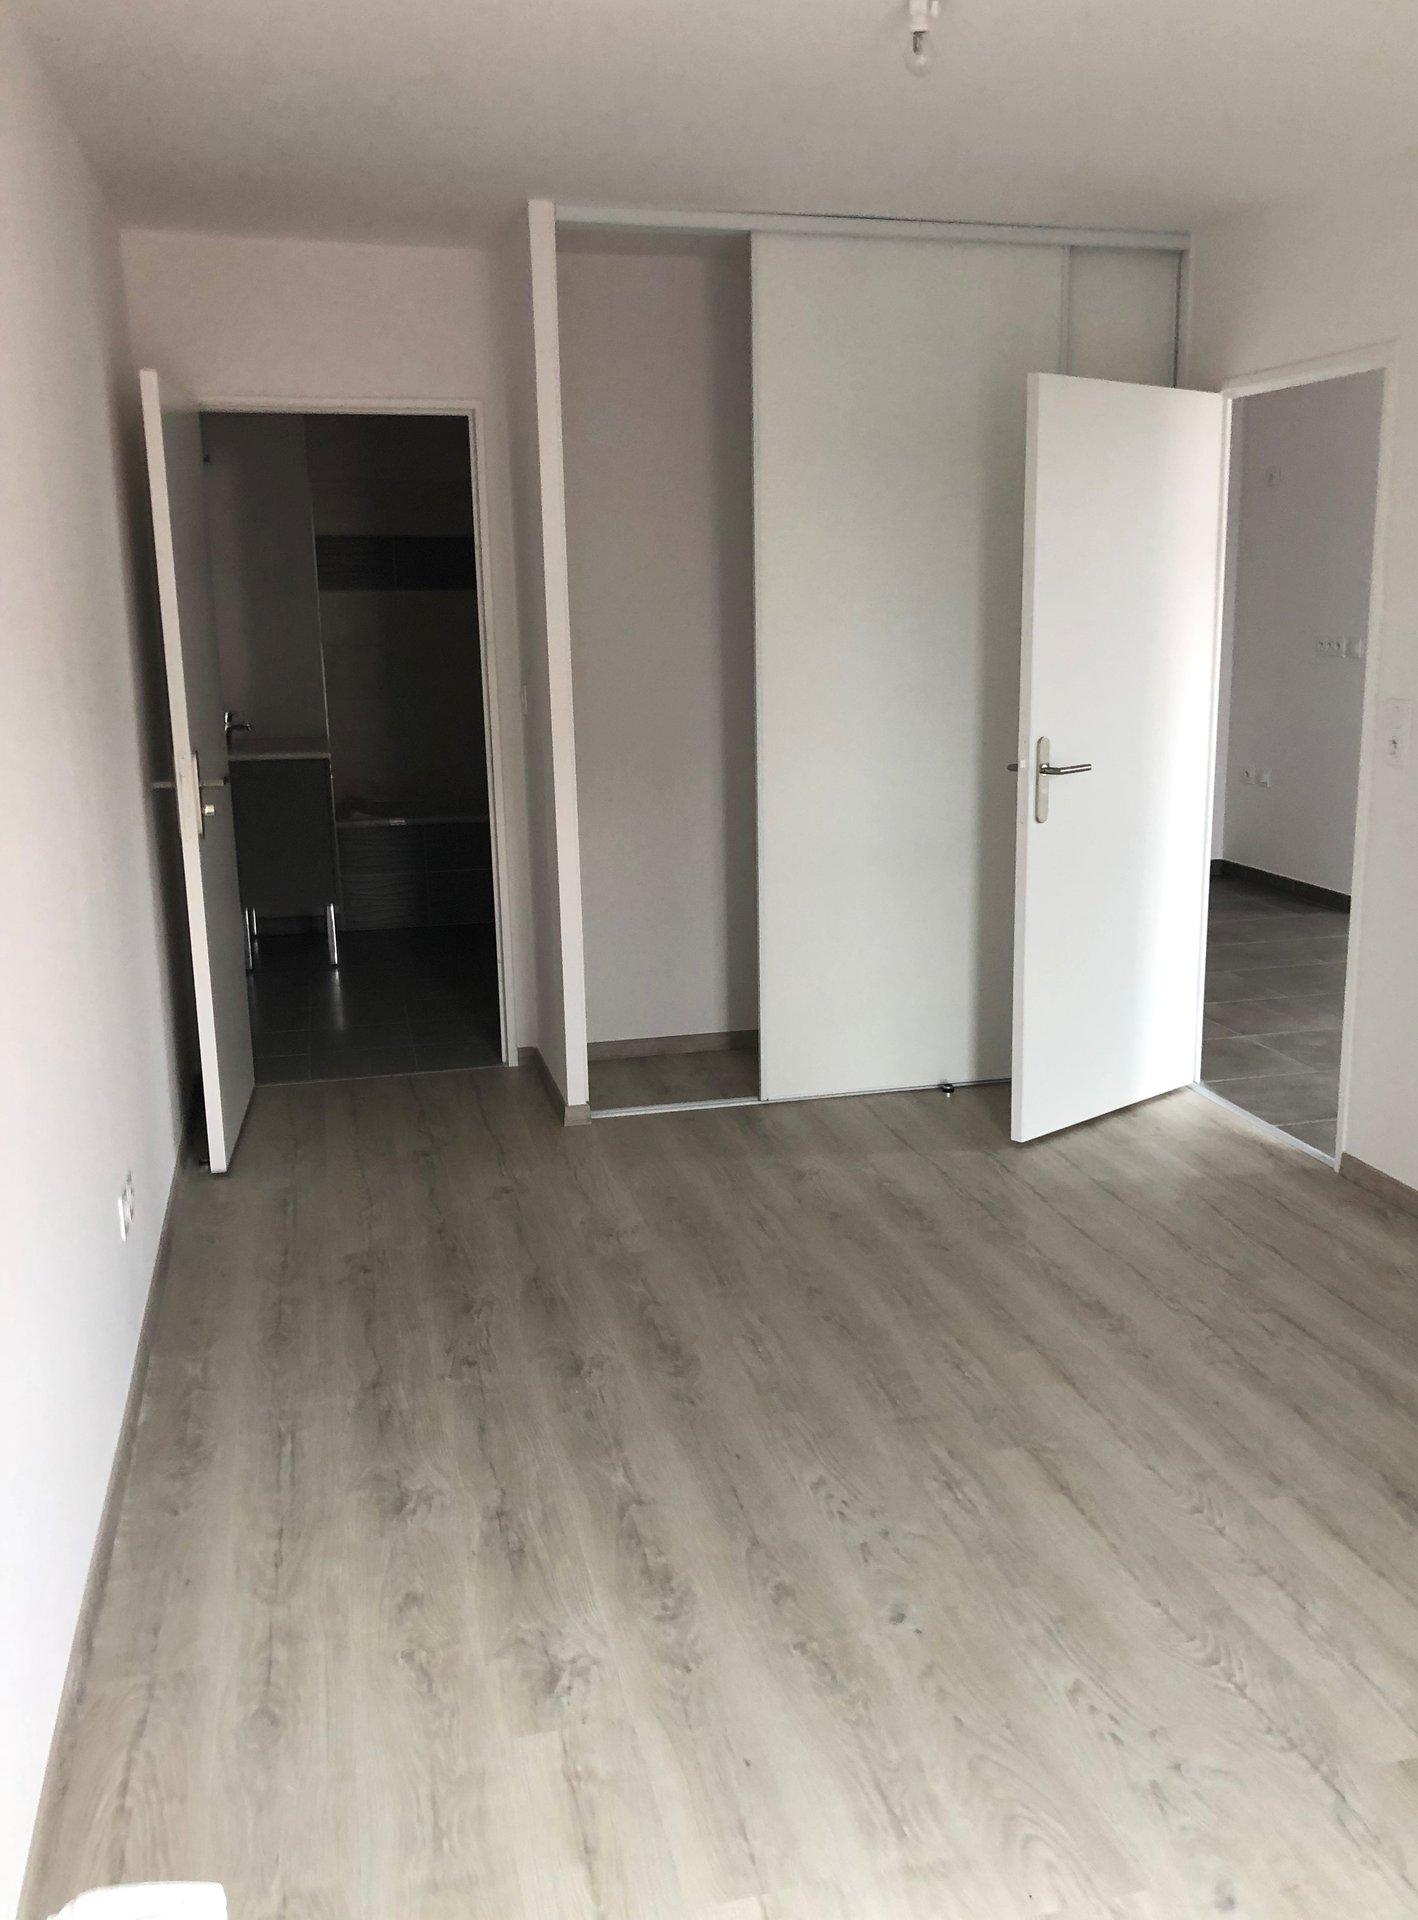 SAINT-ETIENNE -Appartement T2 avec stationnement